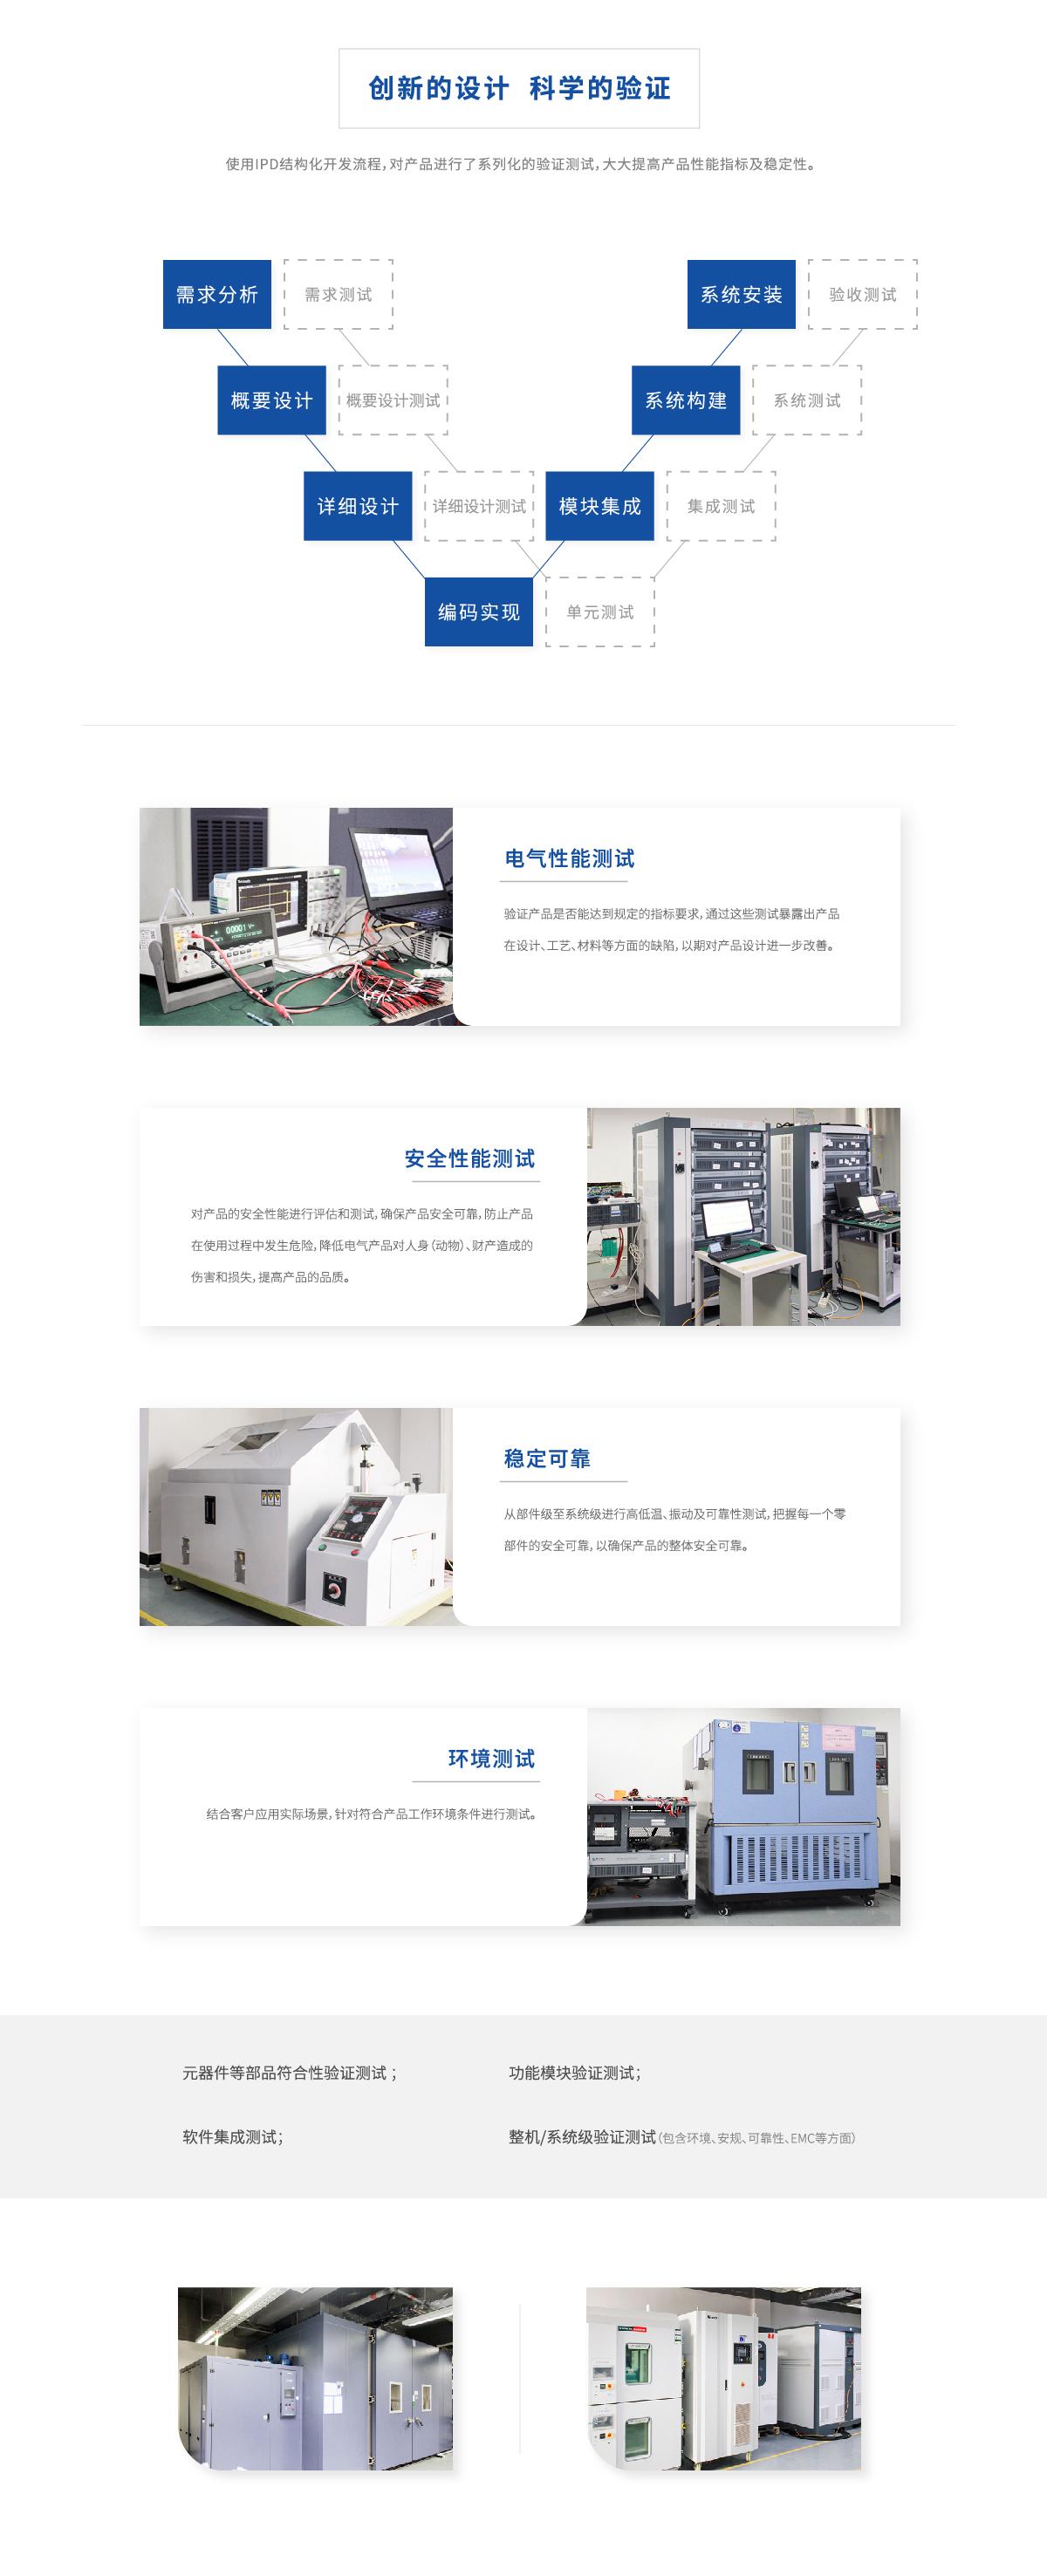 产品验证流程-官网详情页